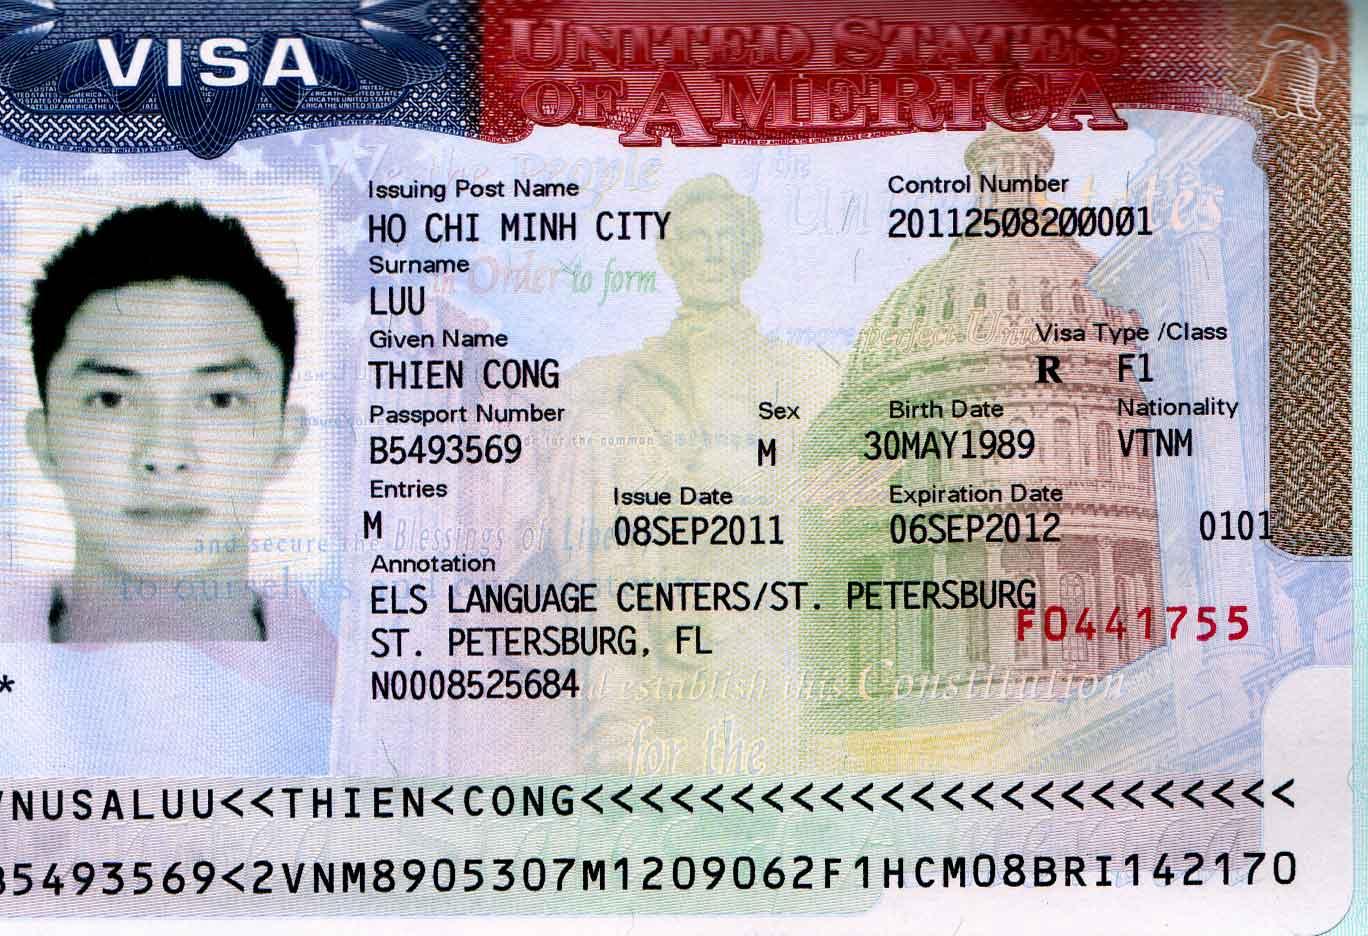 giai-dap-thac-mac-xin-visa-mat-bao-lau-1